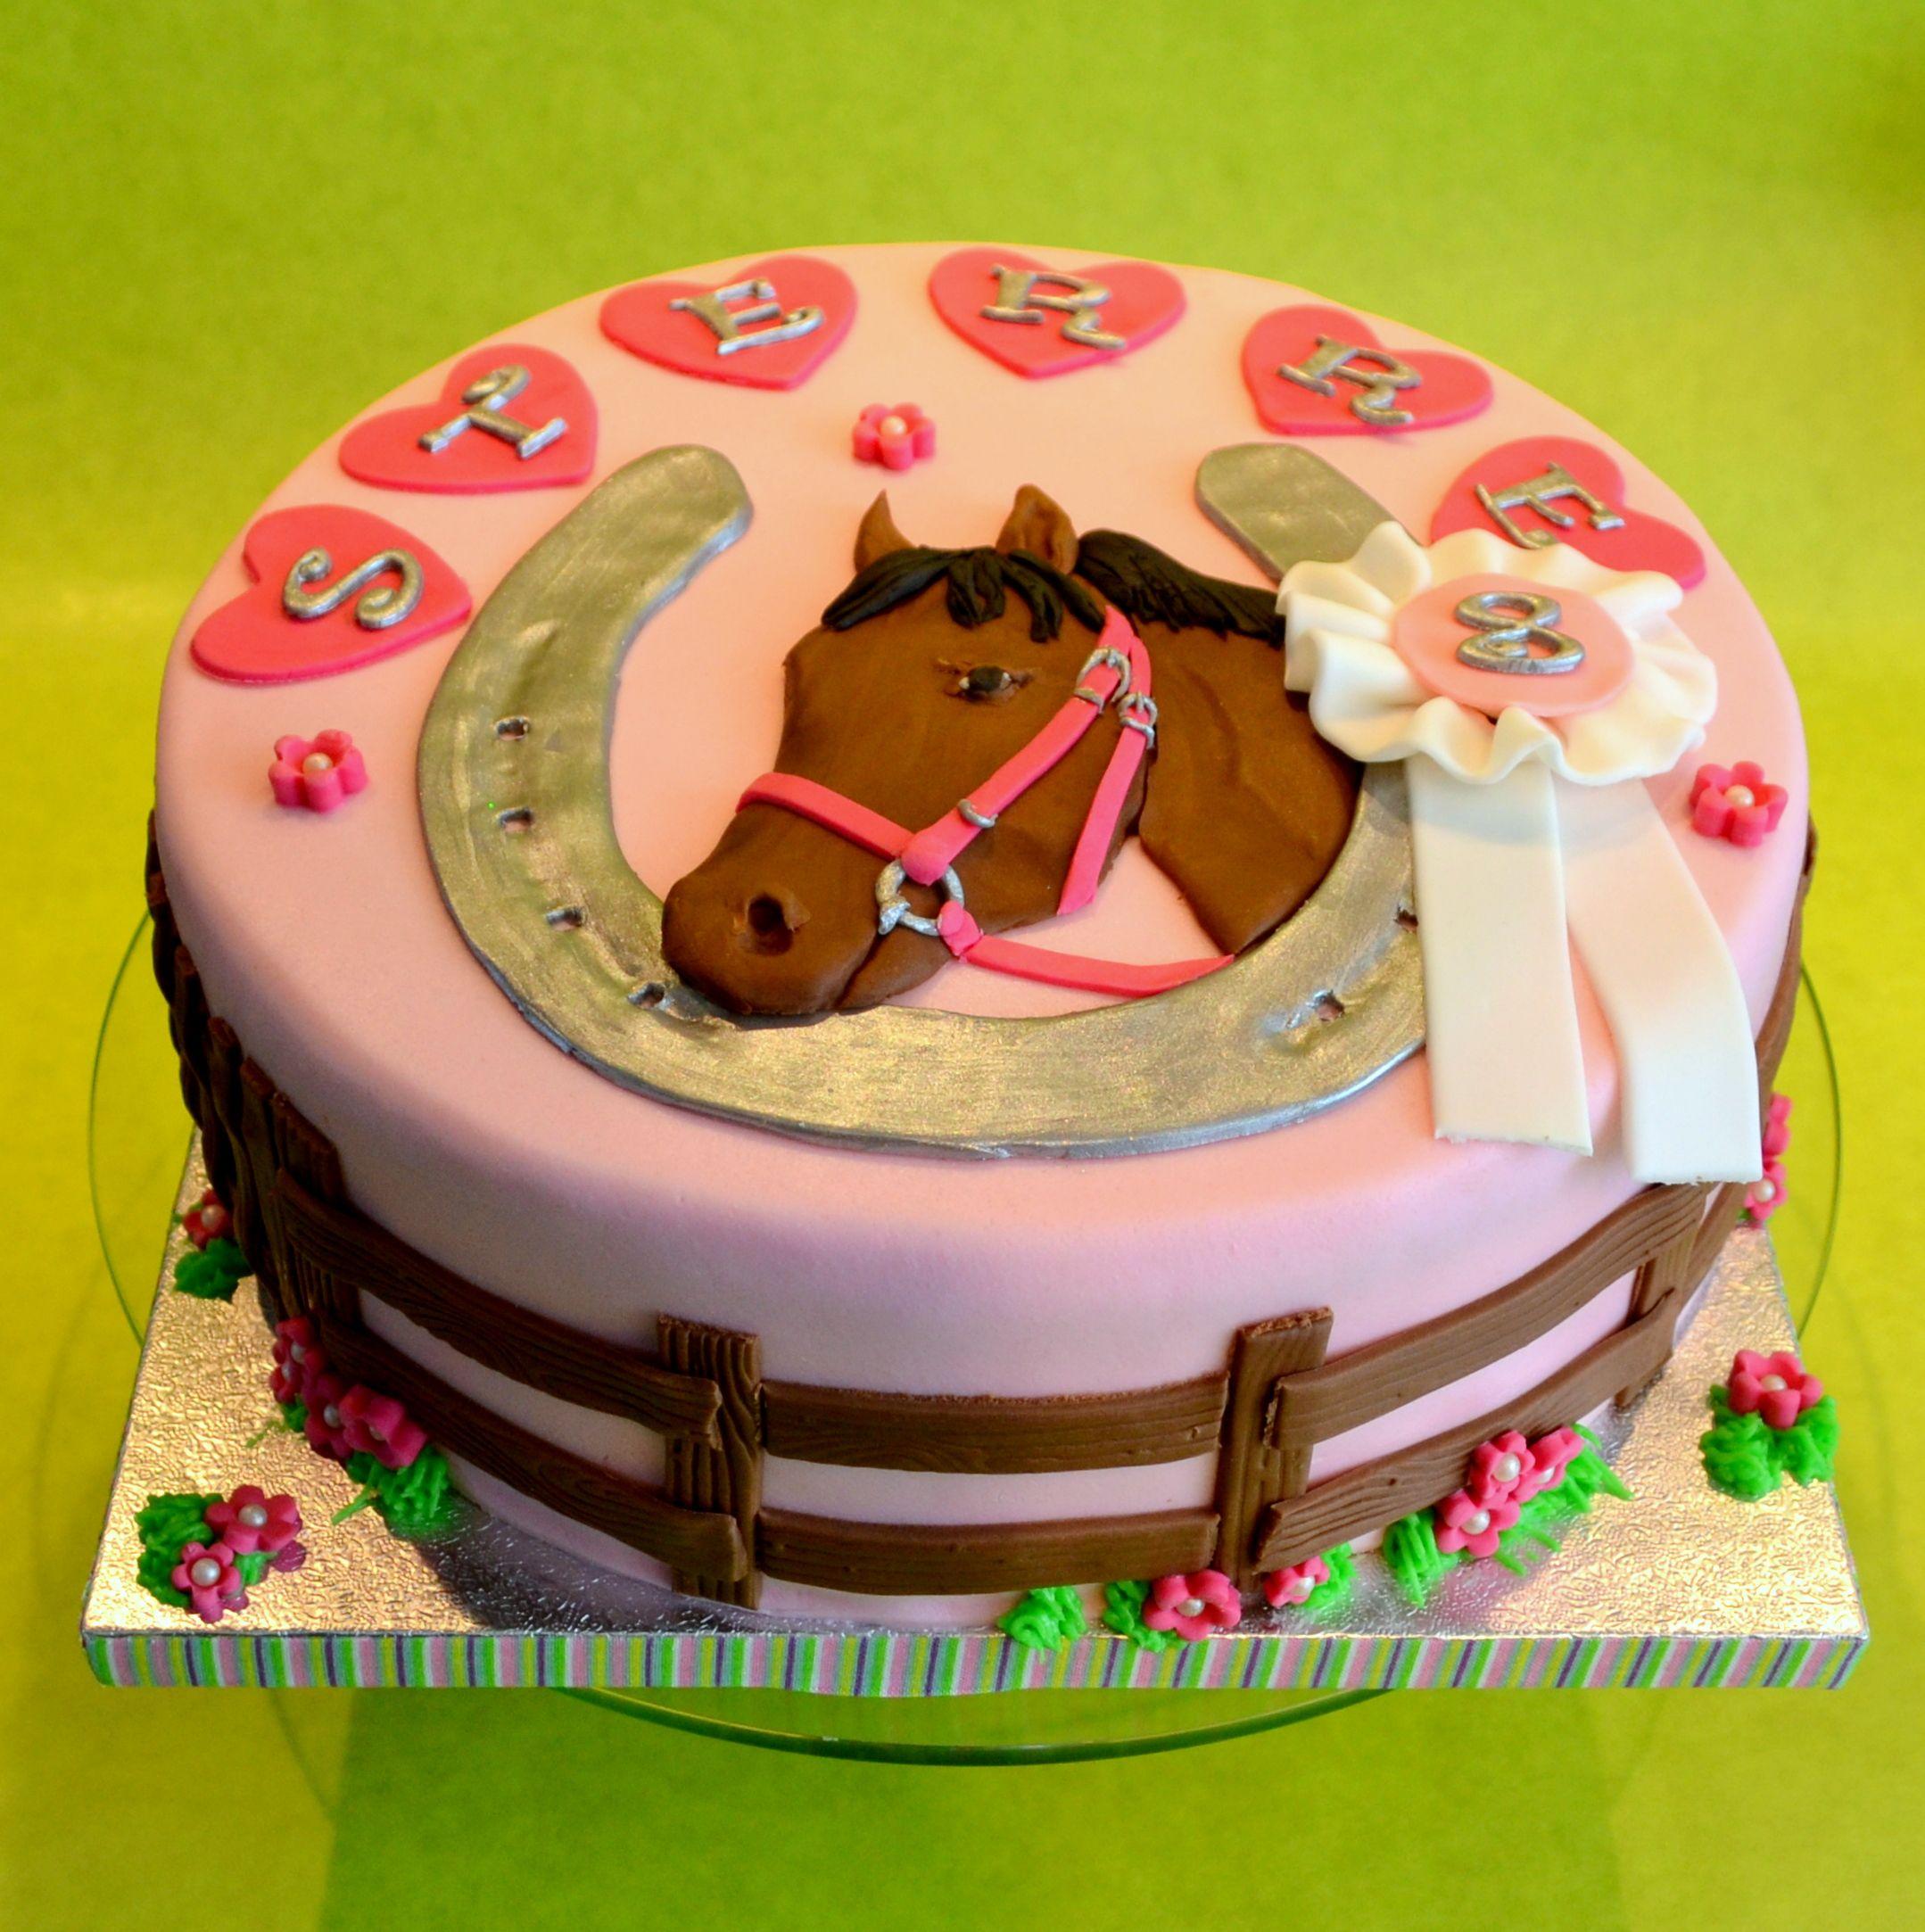 Super Afbeeldingsresultaat voor paarden taart | Equestrian Cakes &HO46